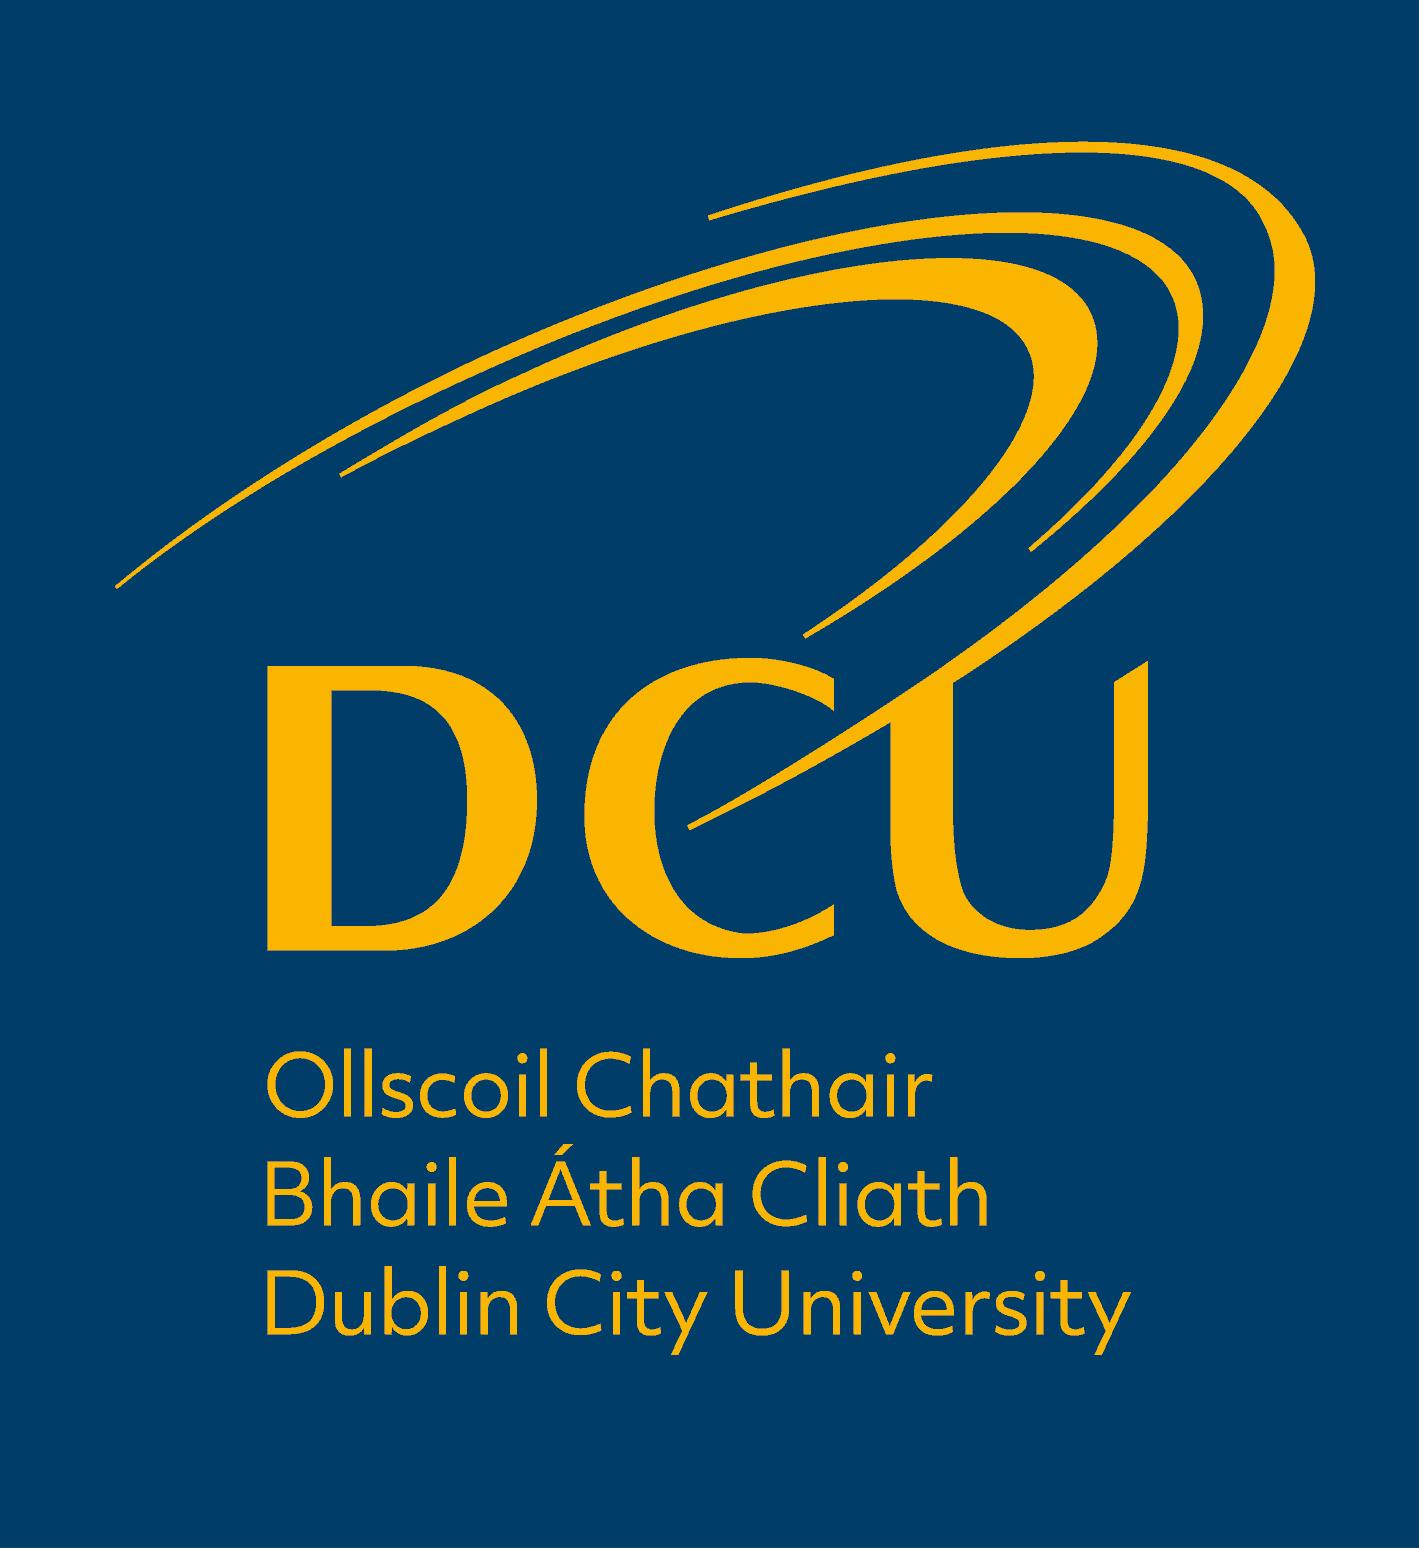 Ollscoil Chathair Bhaile Átha Cliath